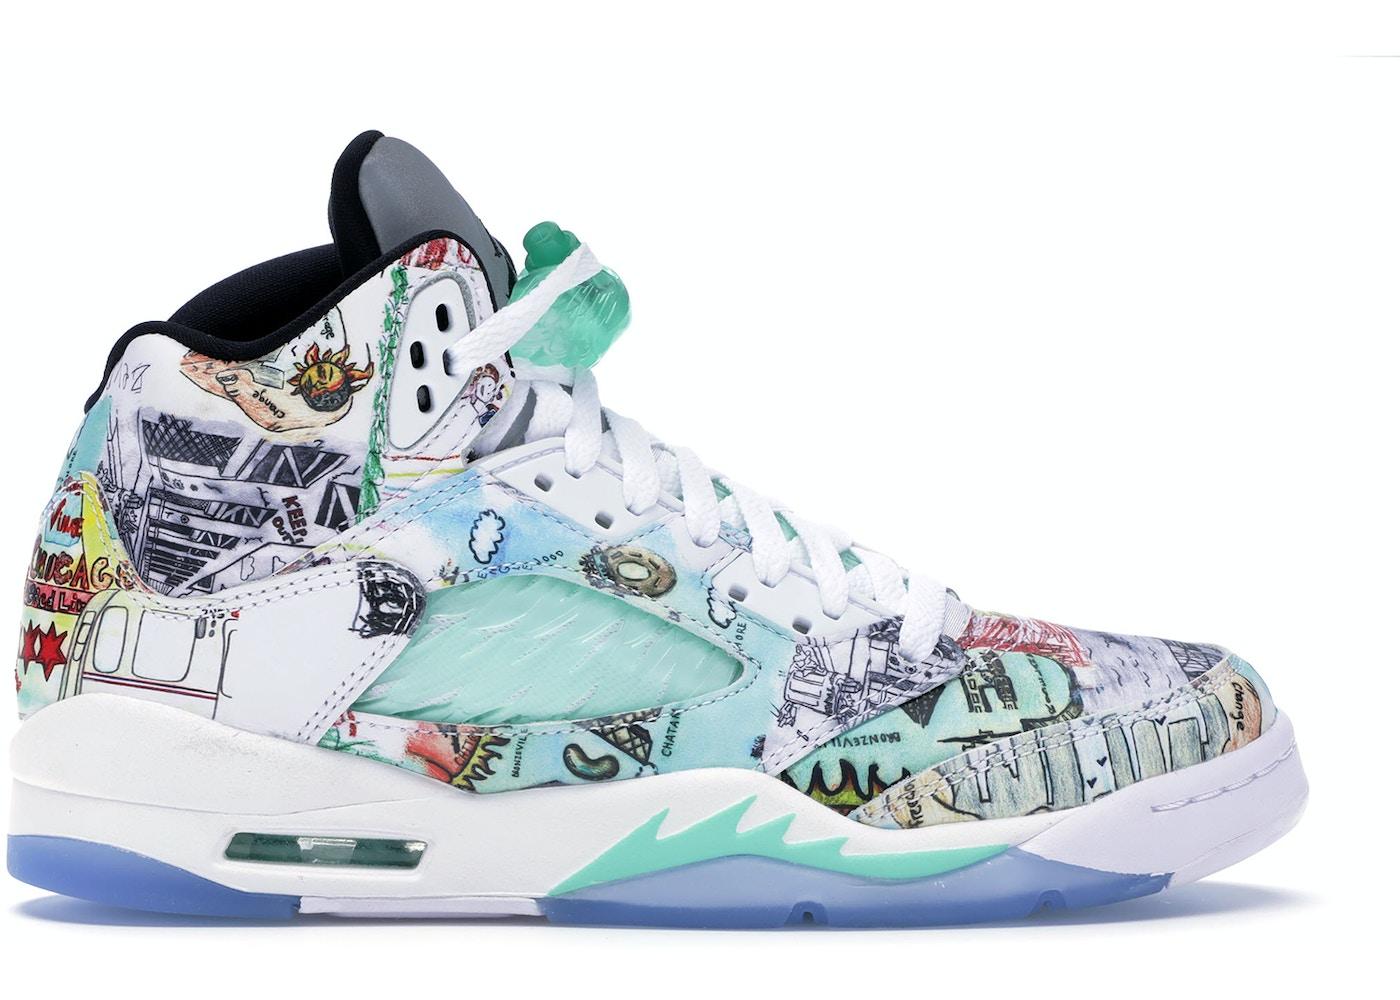 c7153c0523e4dc Buy Air Jordan 5 Shoes   Deadstock Sneakers